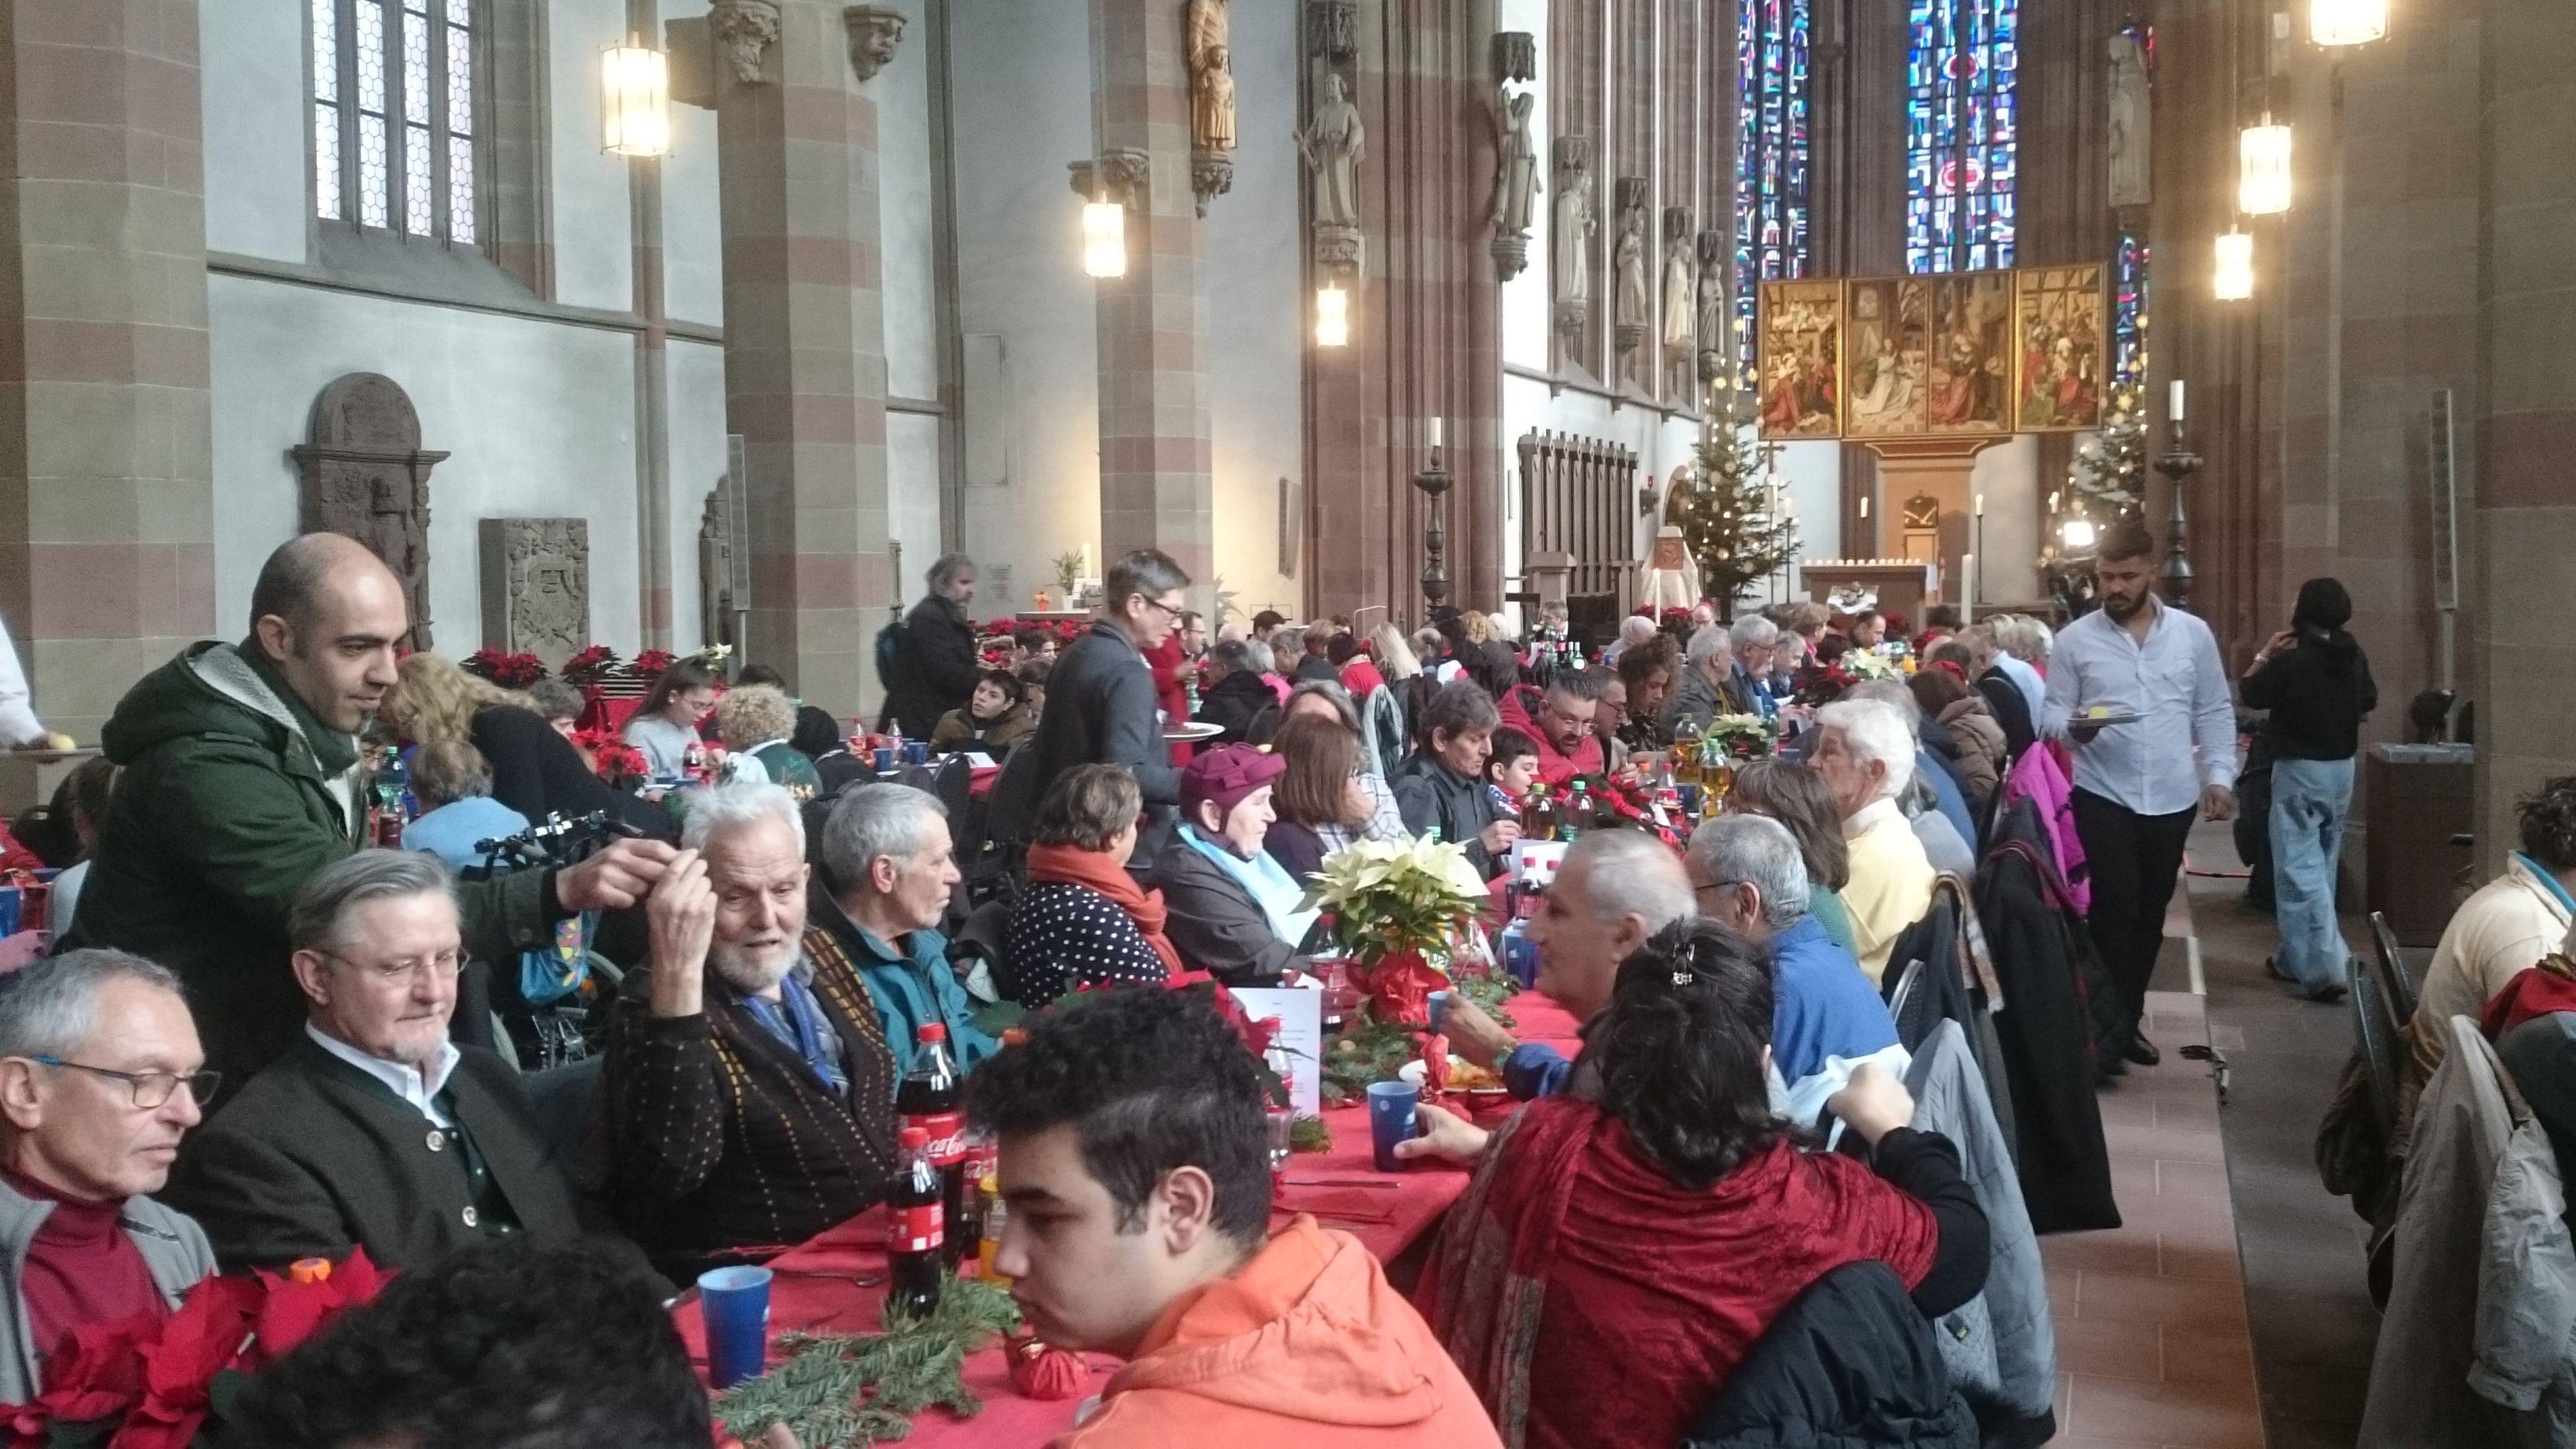 200 Menschen feierten in der Würzburger Marienkapelle an langen Tischen am 1. Weihnachtsfeiertag gemeinsam die Geburt  Jesu. Die katholische Laiengemeinschaft Sant'Egidio hatte Bedürftige, Behinderte, Flüchtlinge und Senioren eingeladen. Insgesamt bewirteten bis zu 500 ehrenamtliche Helfer über 1000 Gäste zeitgleich an fünf Orten in ganz Würzburg